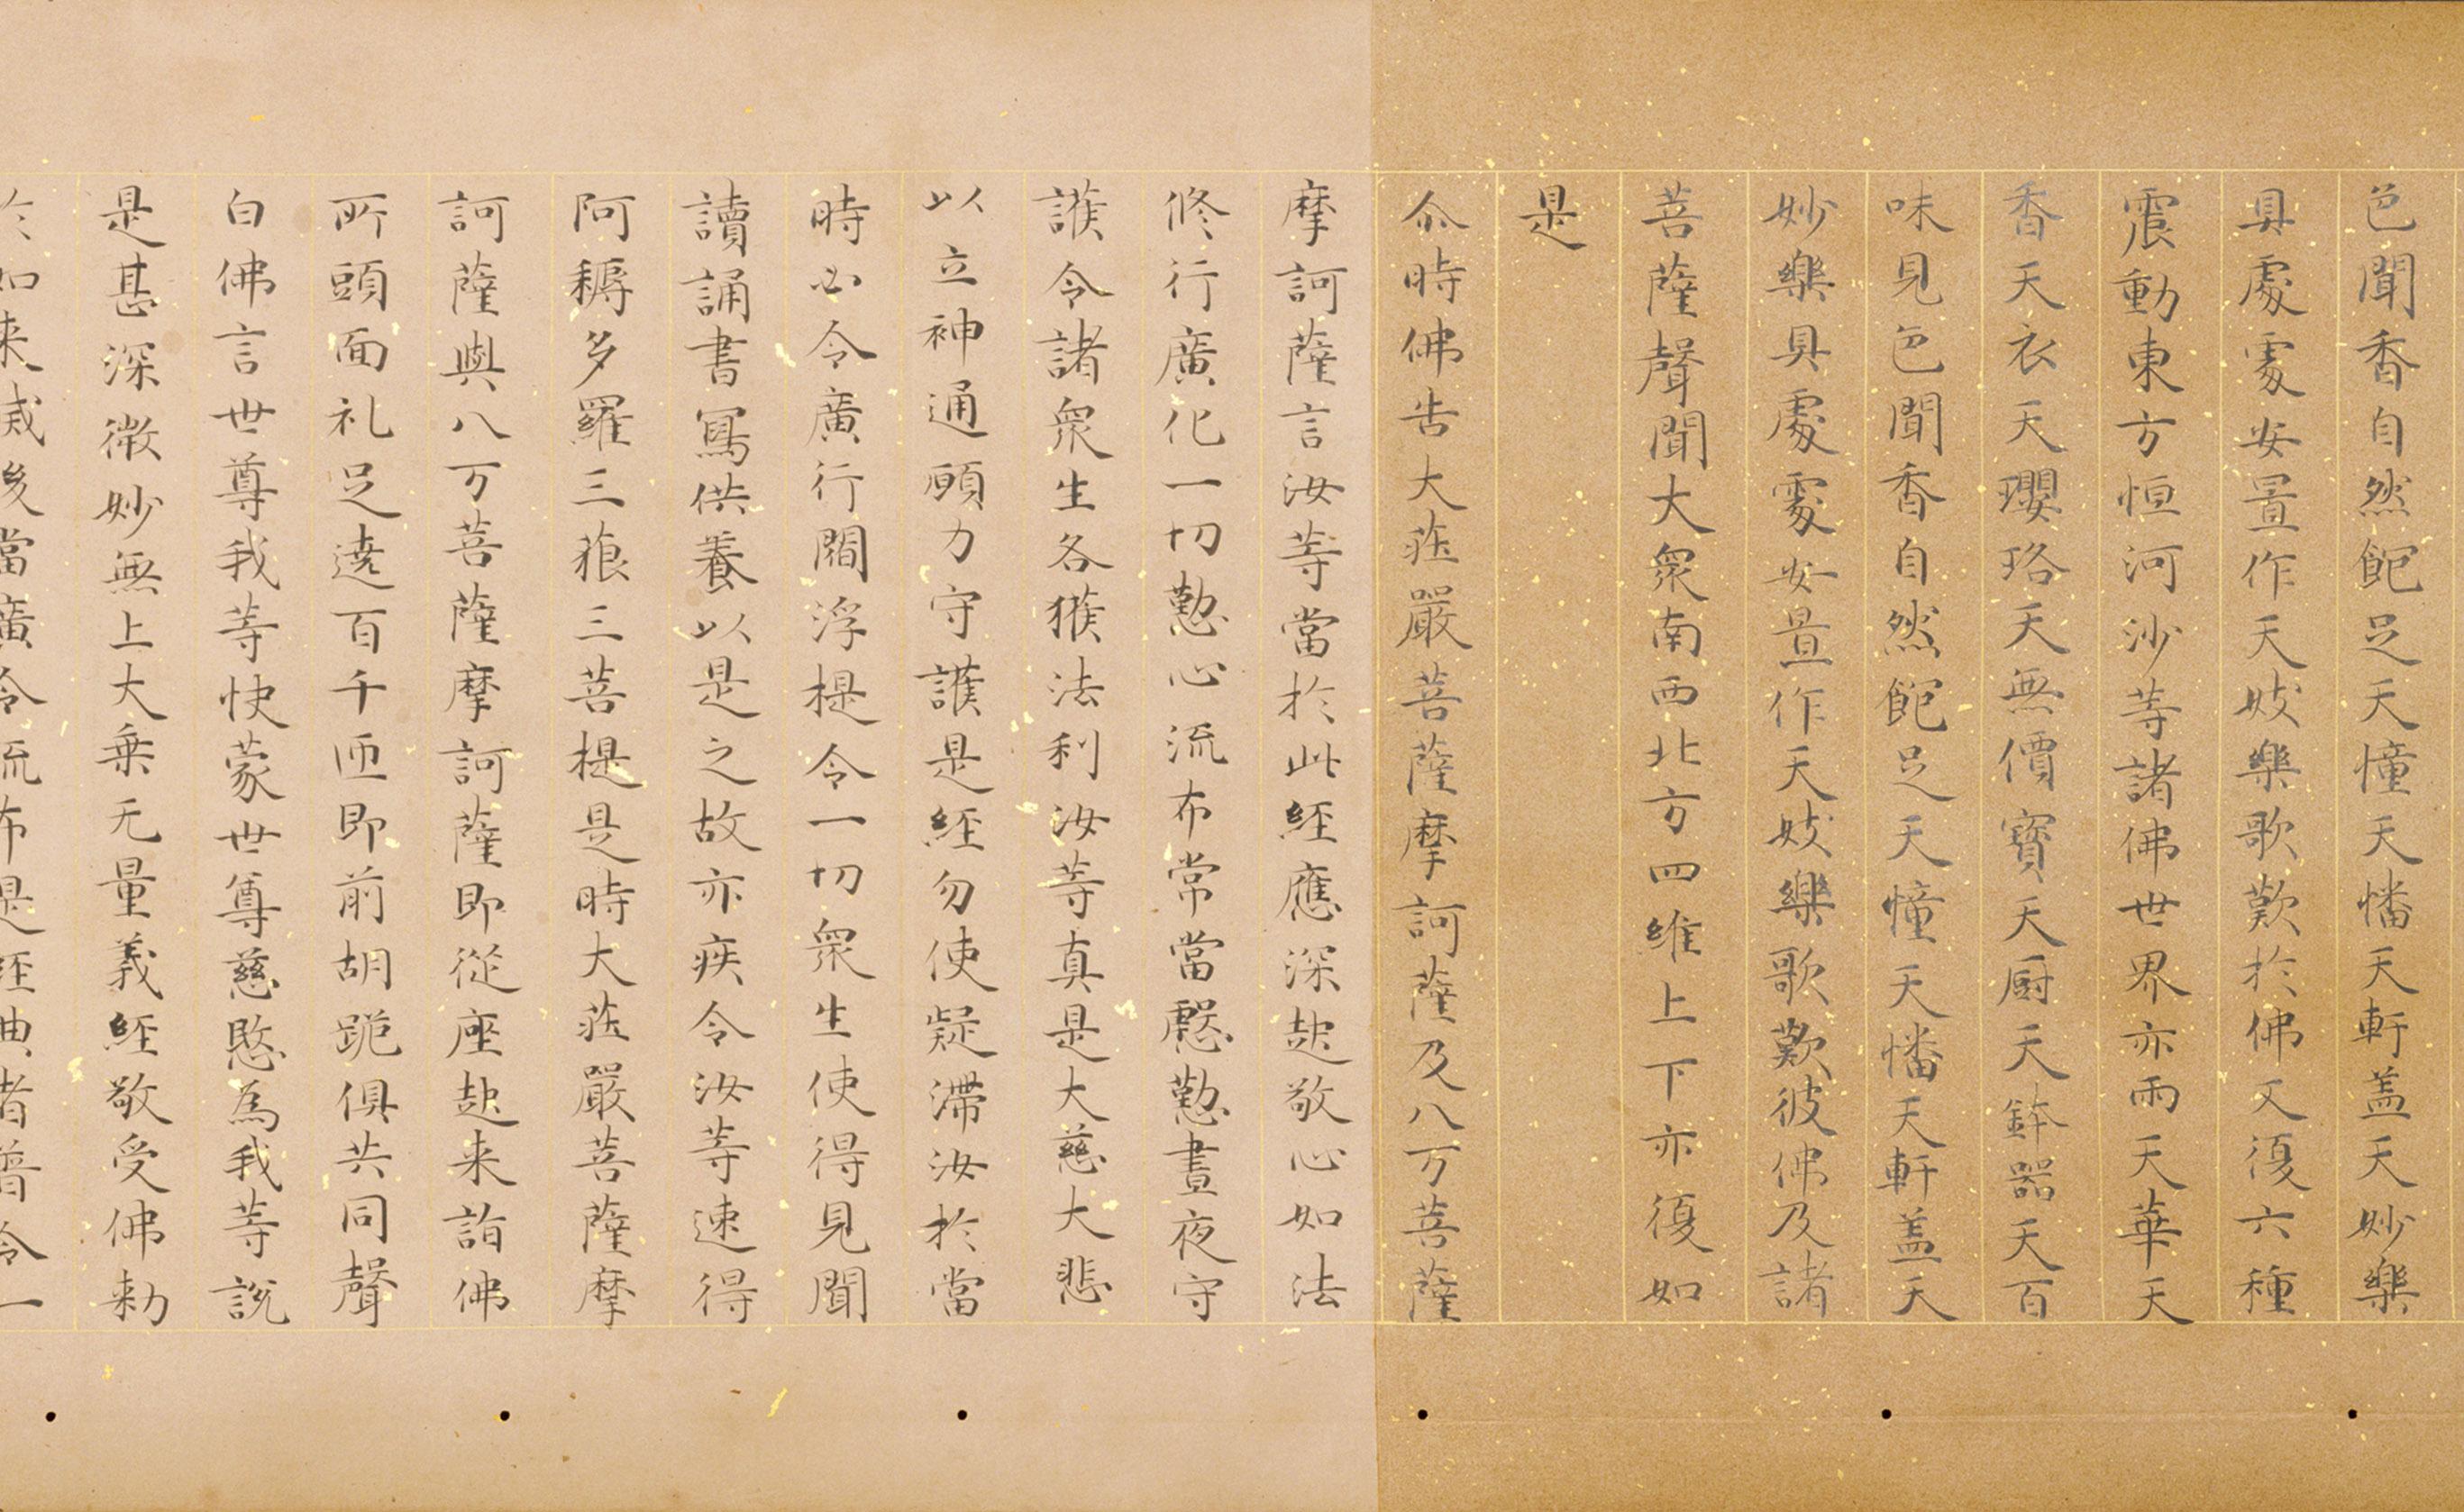 国宝 無量義経 1巻 彩箋墨書 日本・平安時代 11世紀 根津美術館蔵